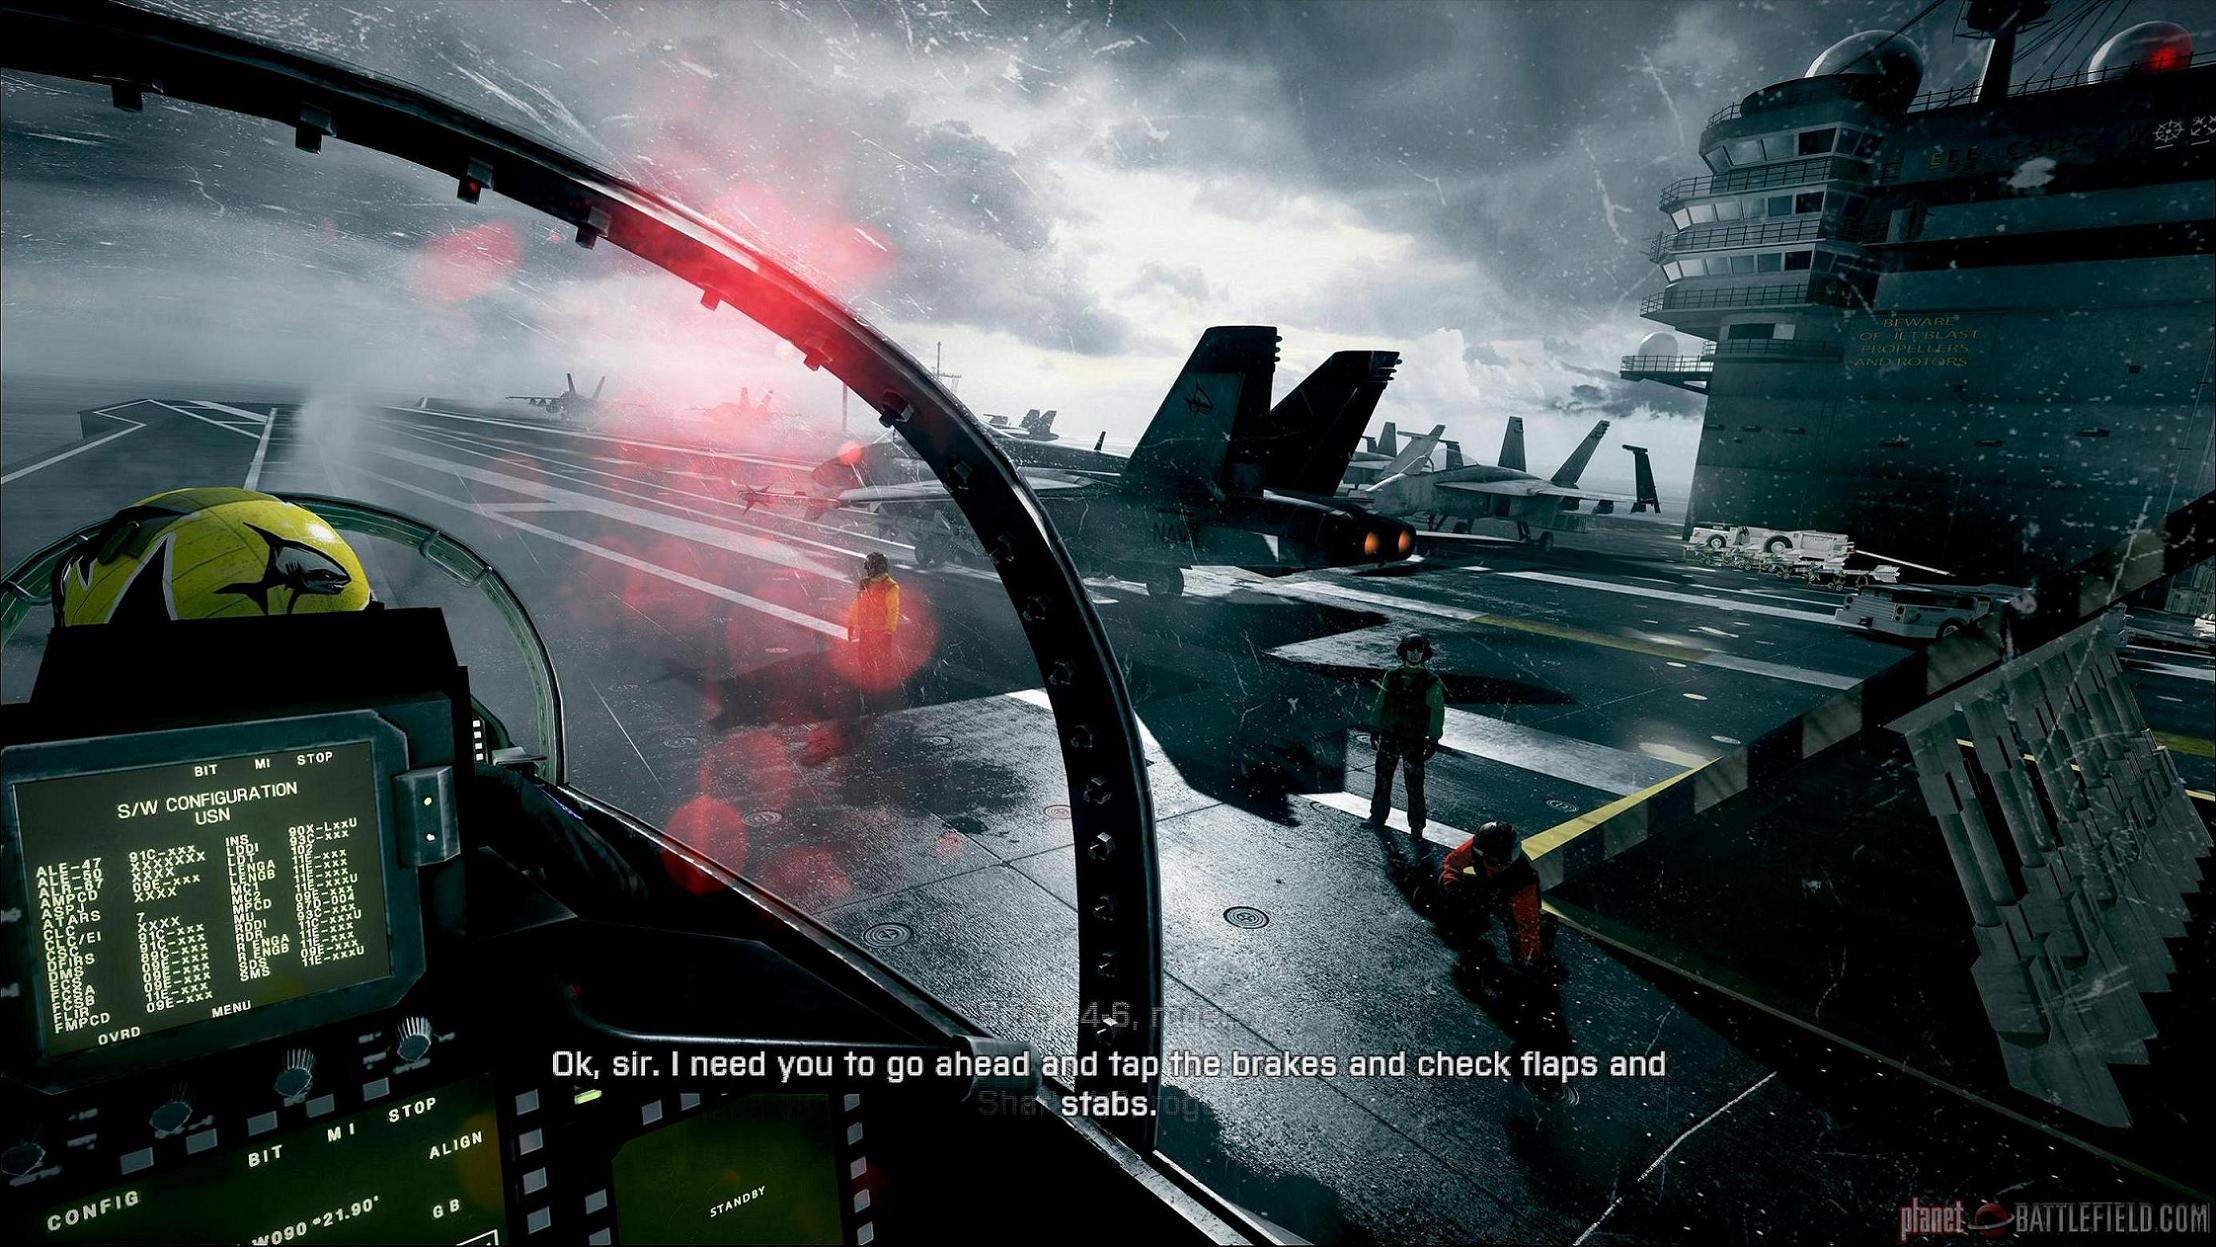 Battlefield_3_October_6_v4.jpg